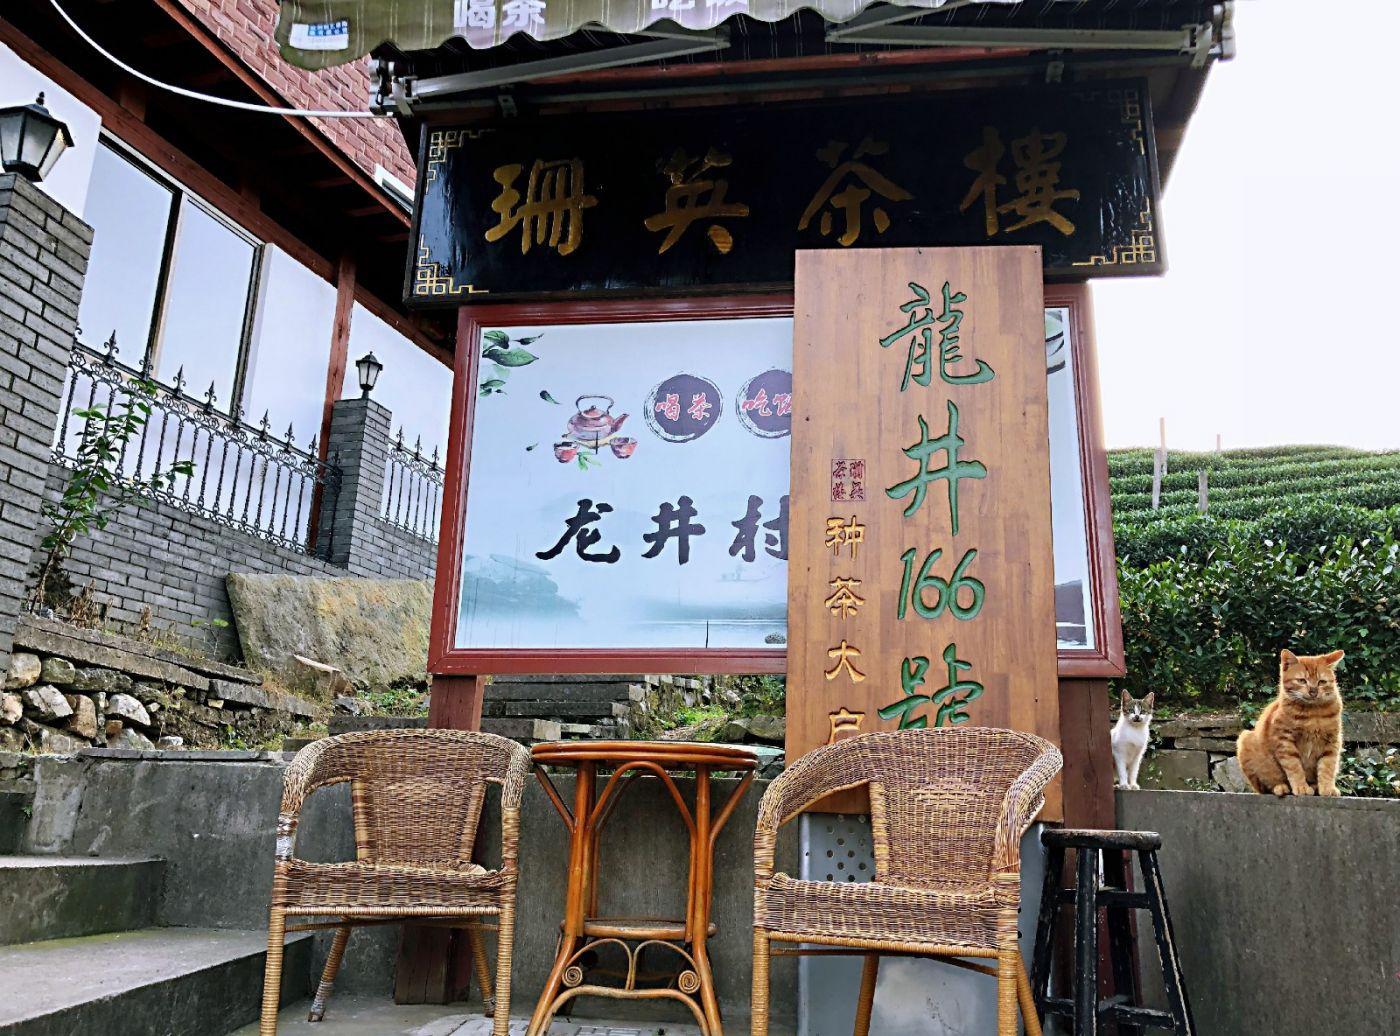 【田螺随拍】杭州龙井茶园-手机版_图1-24